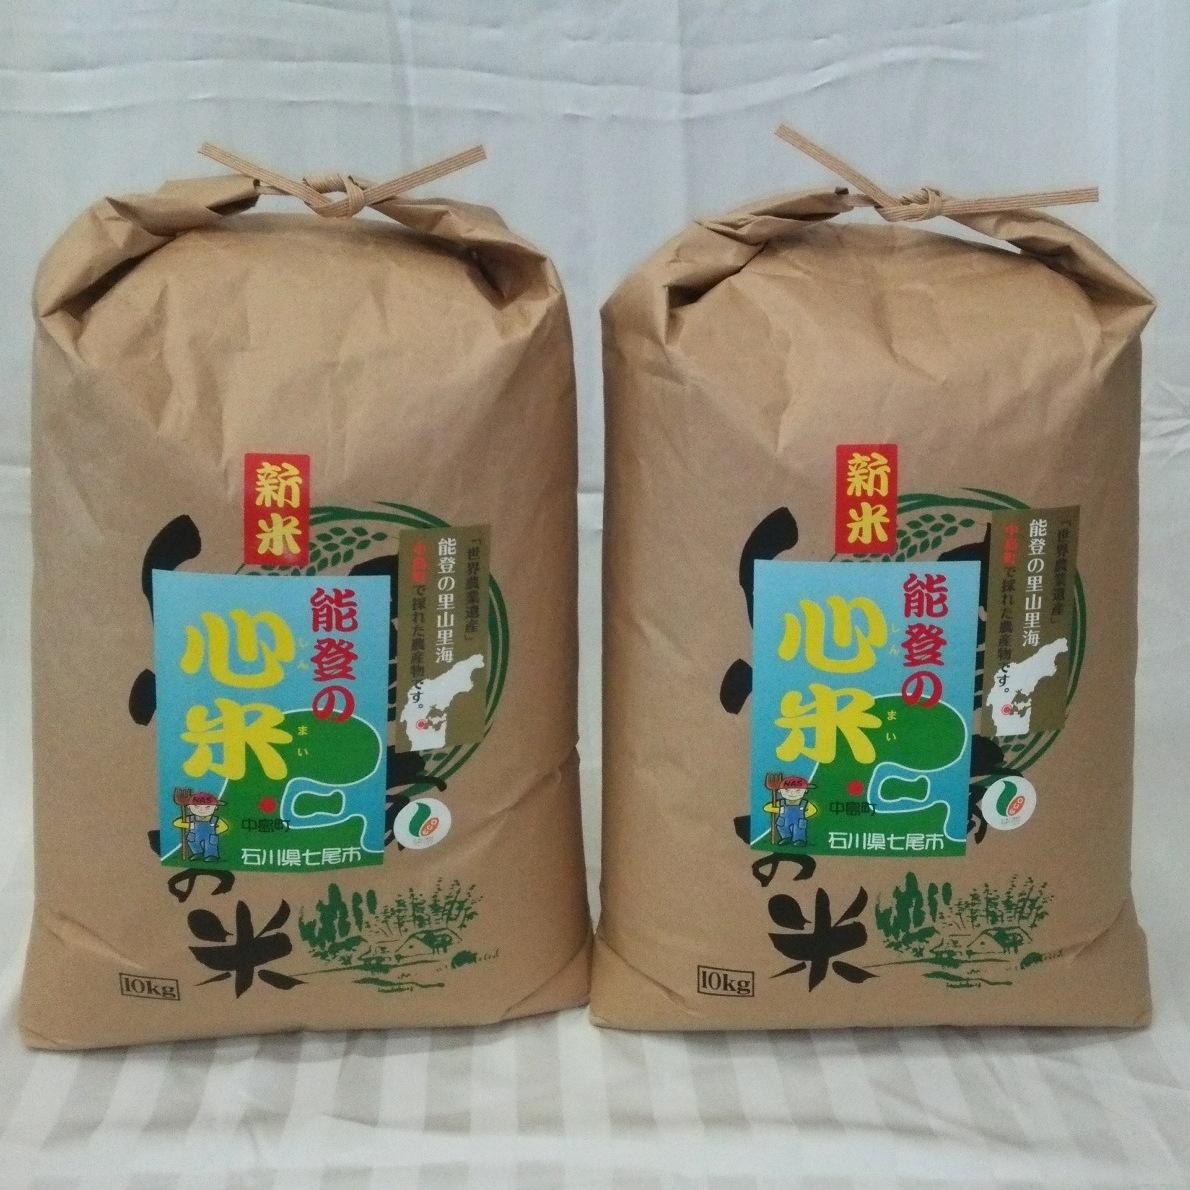 【ふるさと納税】こしひかり 能登の心米(精米20Kg)10kg×2袋 コシヒカリ 米 令和2年10月より順次発送